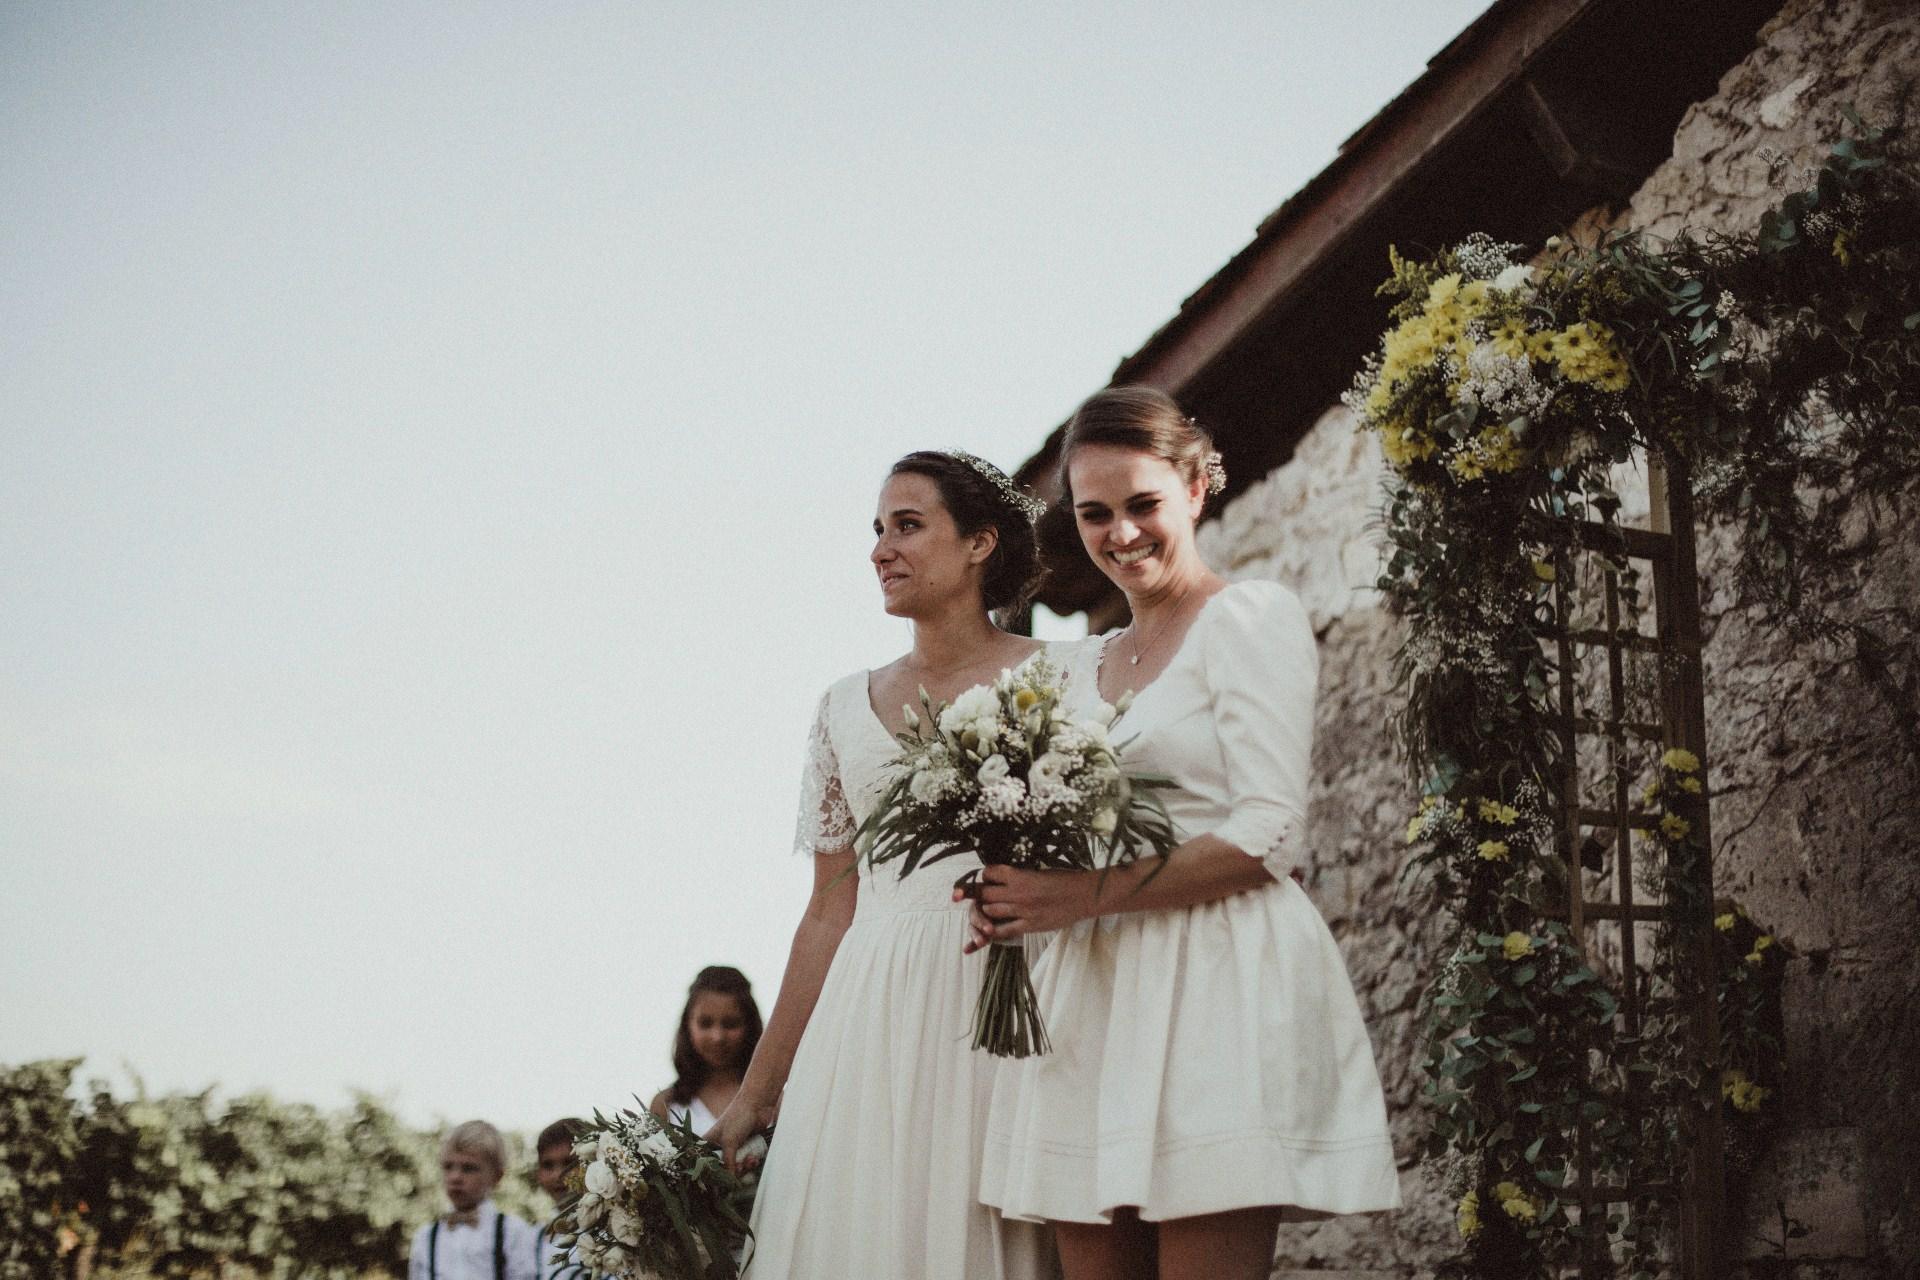 photographe-mariage-bordeaux-40.jpg